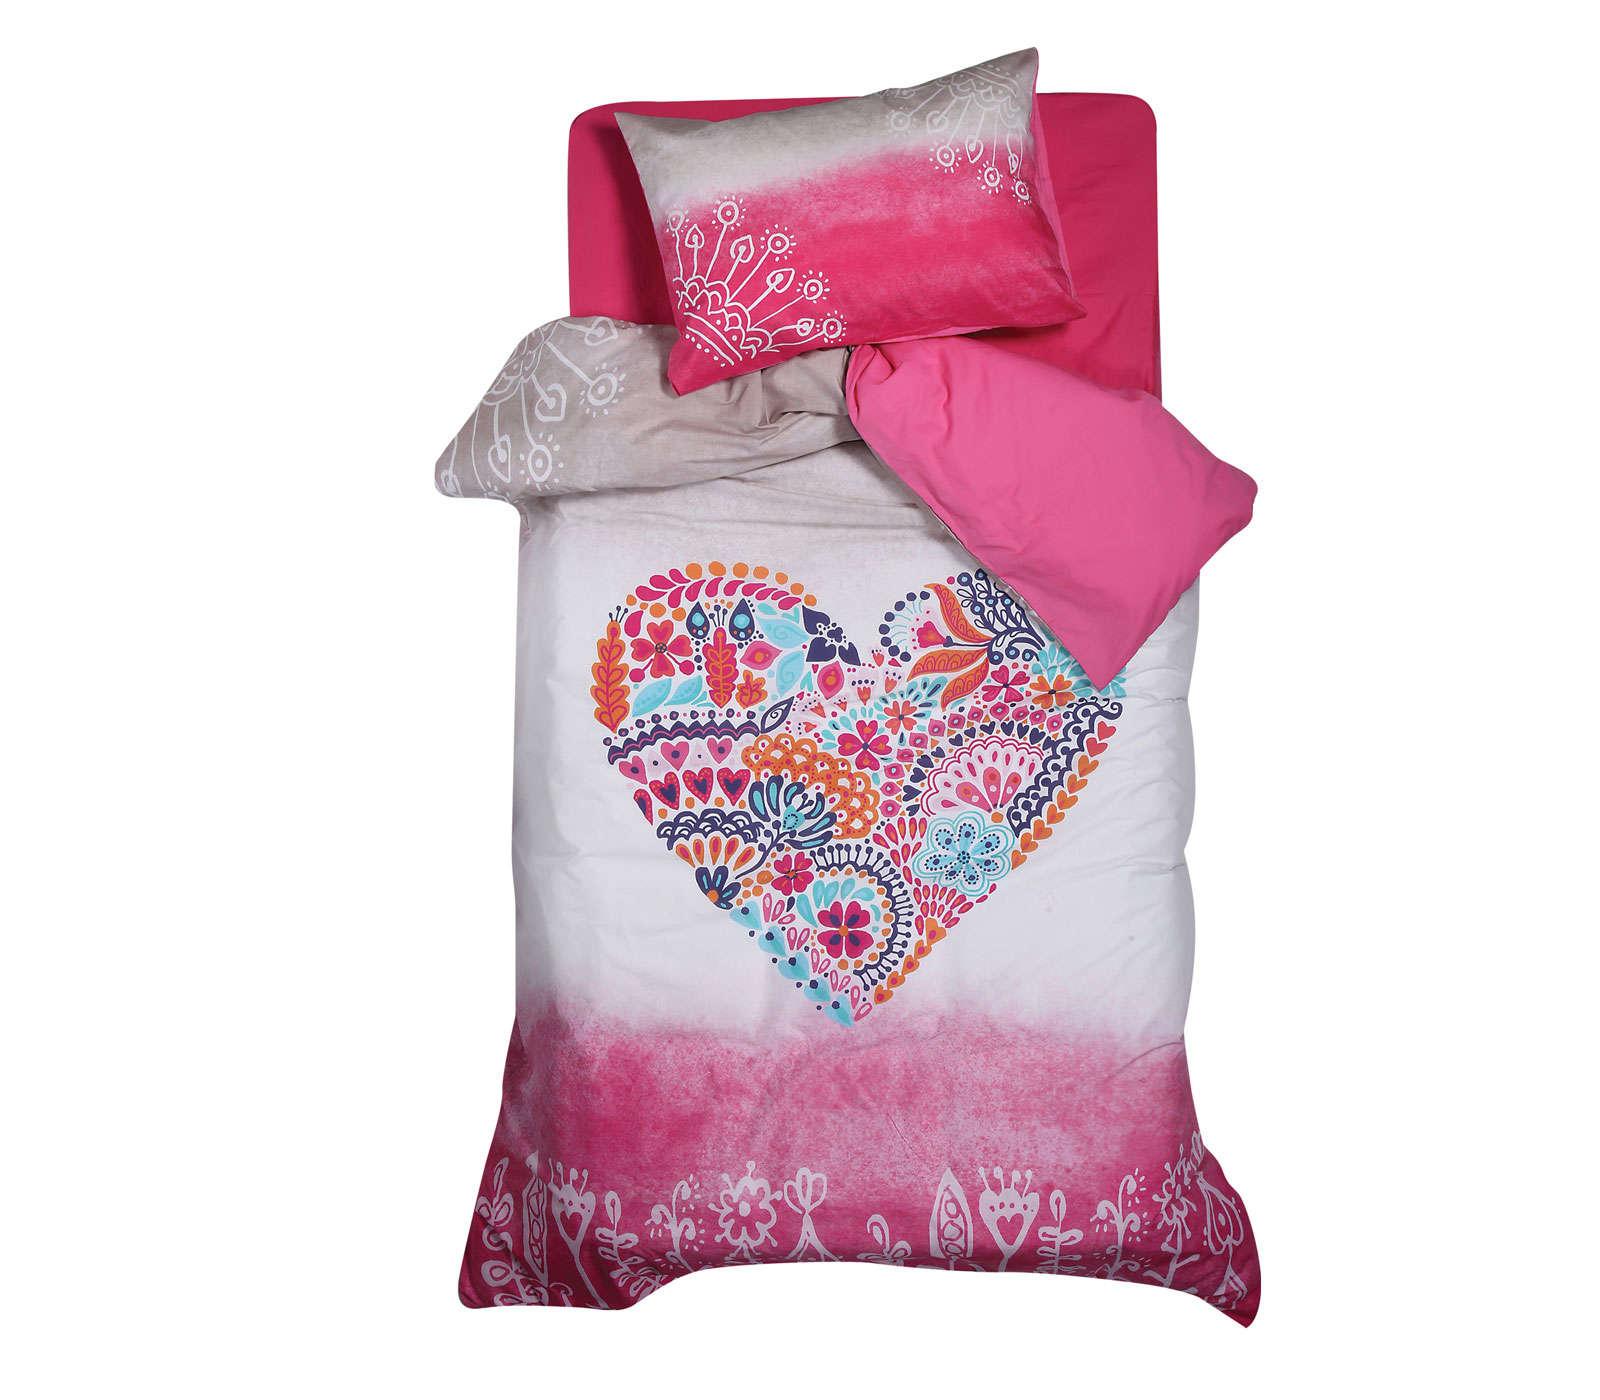 Παπλωματοθήκη Σετ 2τμχ Stylish Heart Pink Nef Nef 160x240cm